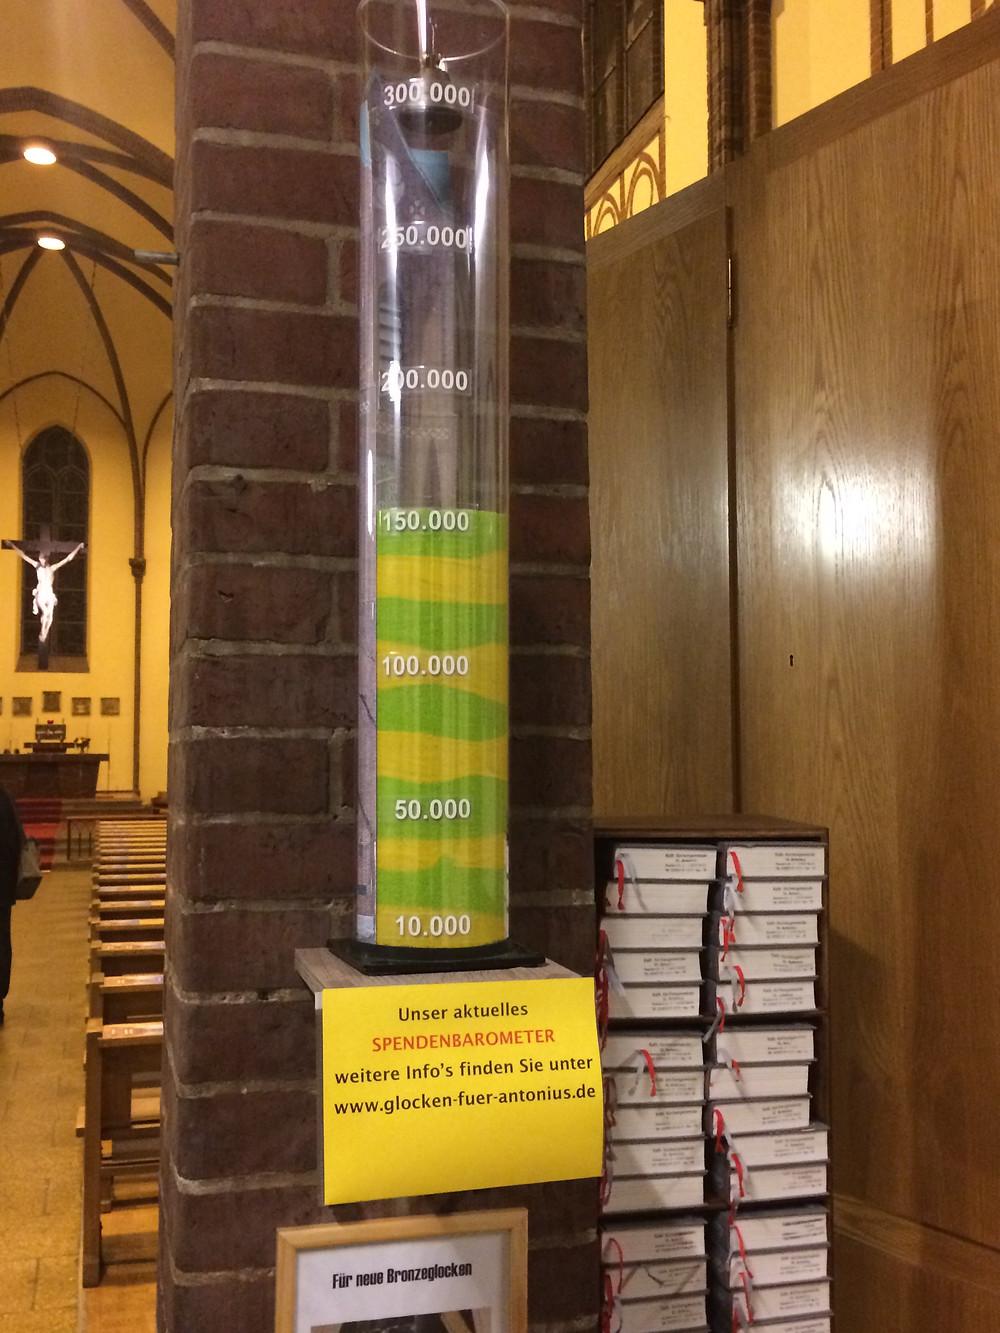 Das Spendenbarometer in der St. Antonius-Kirche zeigt den aktuellen Spendenstand an. Hier den vom 27.10.2019.